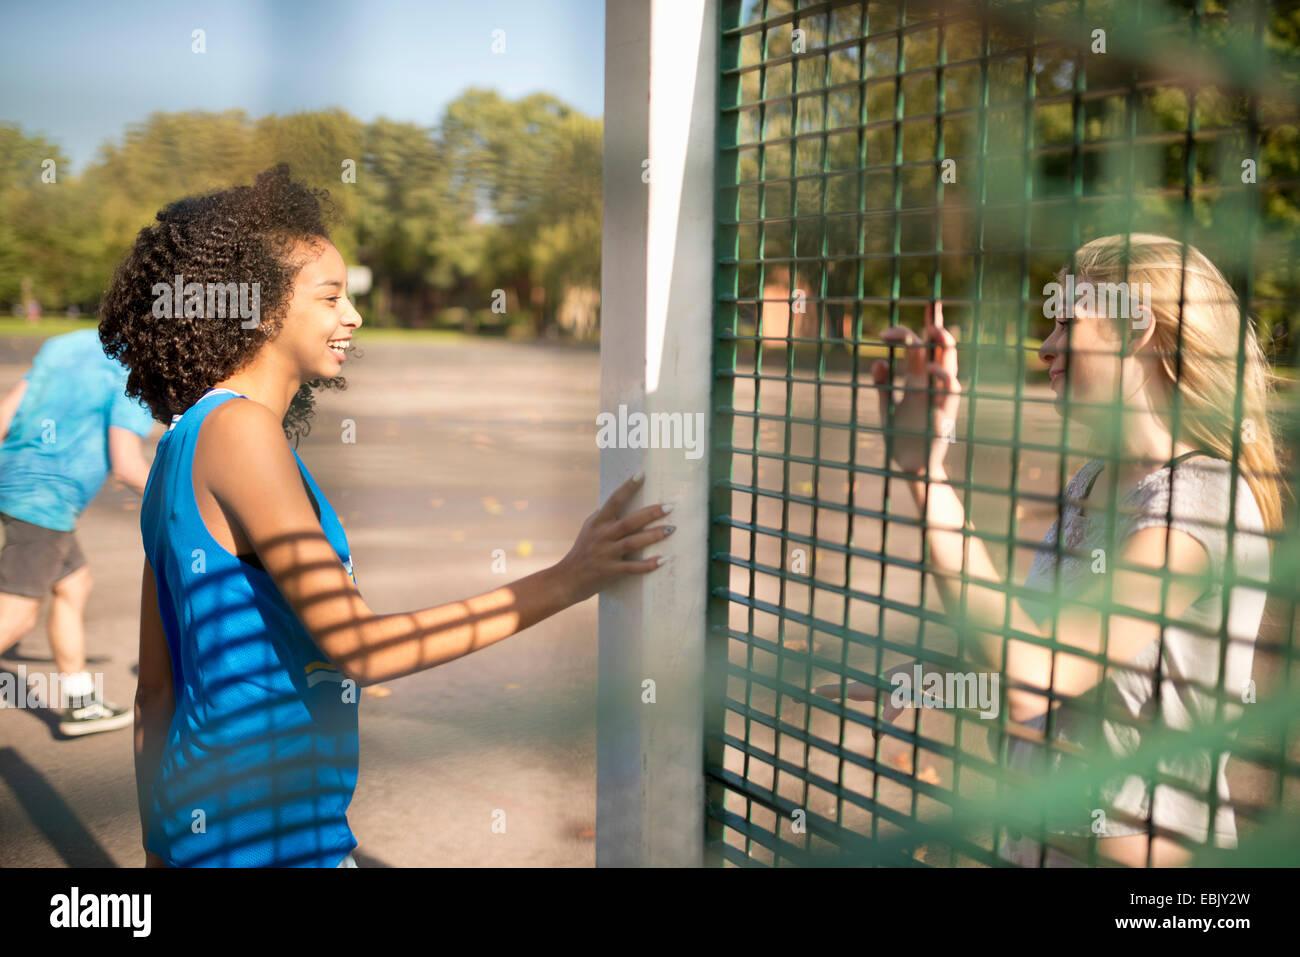 Zwei jungen weiblichen Basketball-Spieler im Chat auf gegenüberliegenden Drahtzaun Stockbild